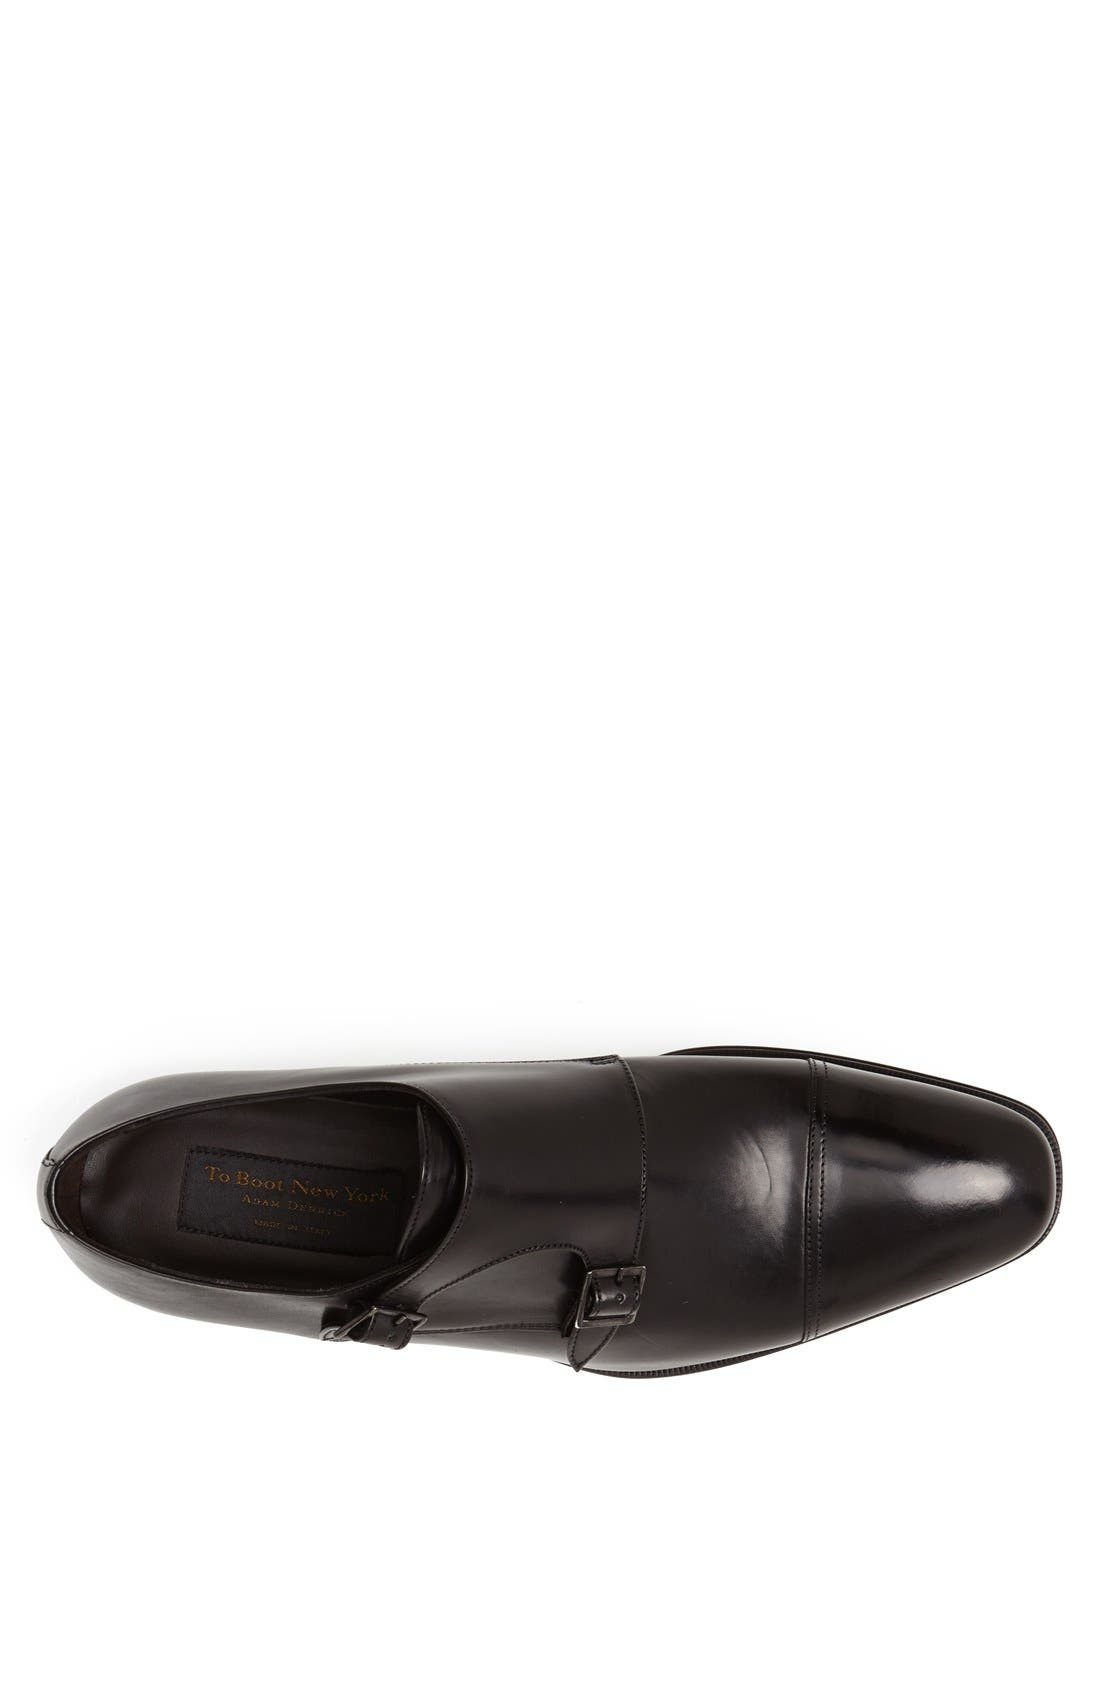 'Grant' Double Monk Shoe,                             Alternate thumbnail 4, color,                             PARMA BLACK